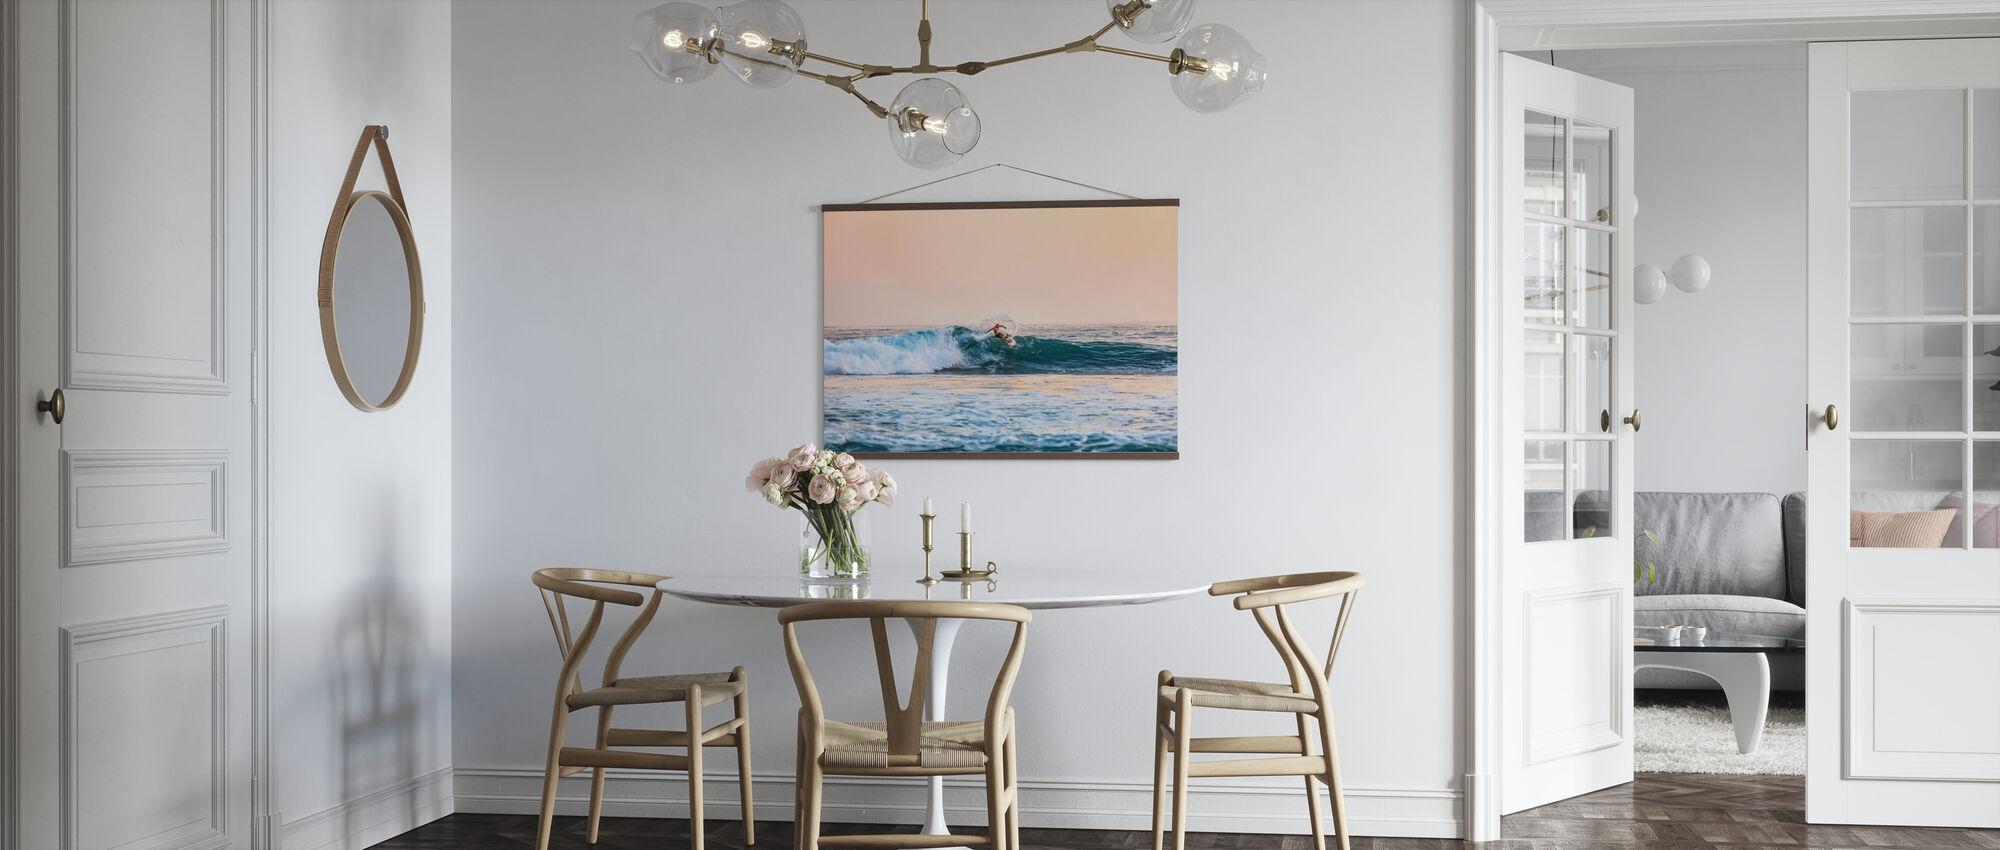 Surfen - Poster - Küchen